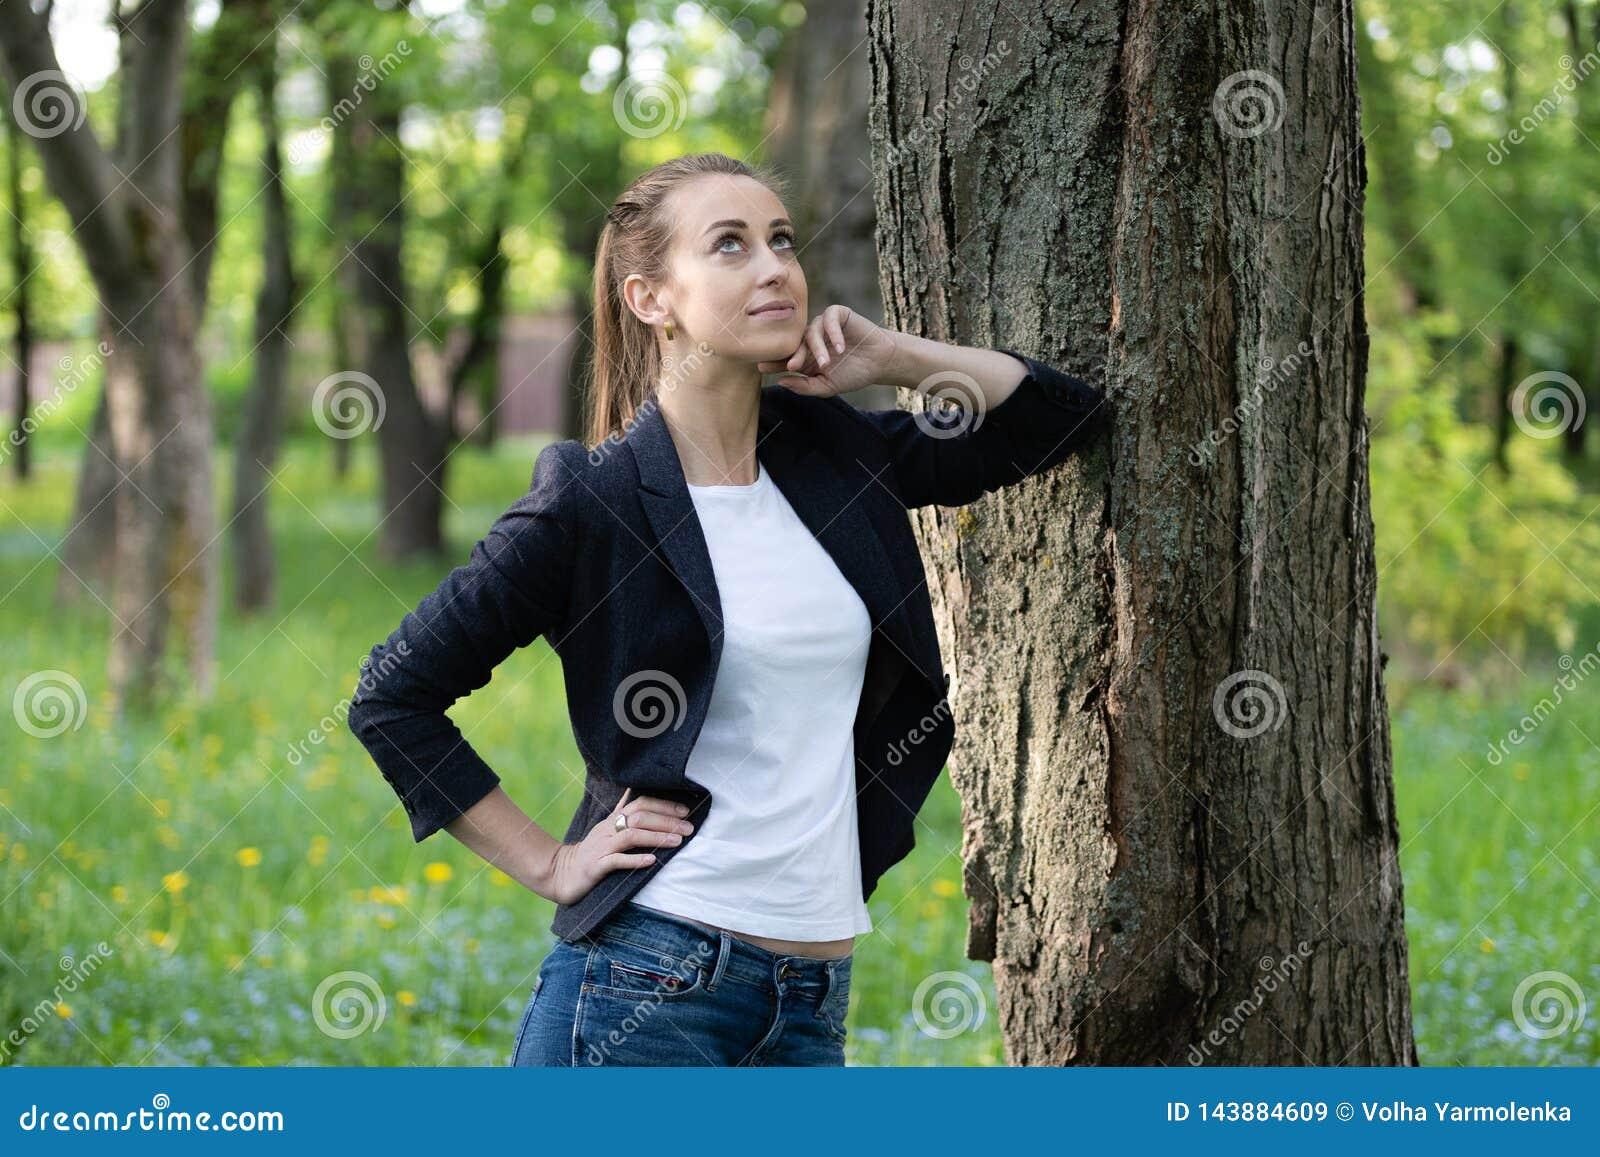 Junge schlanke Frau steht auf einem Baumstamm, auf ihrem Gesicht ist ein träumerischer Ausdruck still